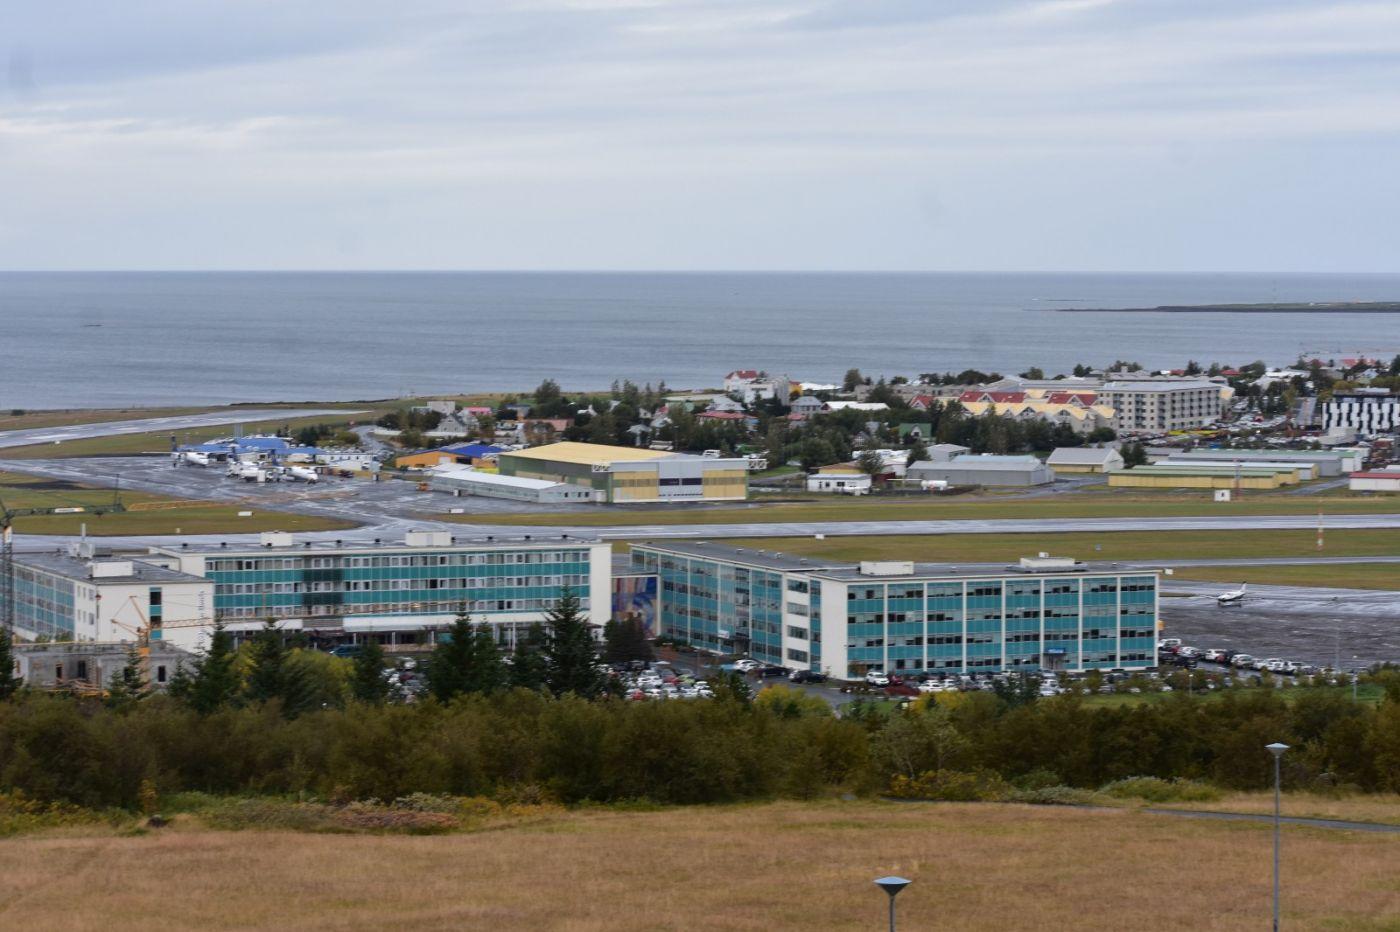 冰岛首都雷克雅未克_图1-7